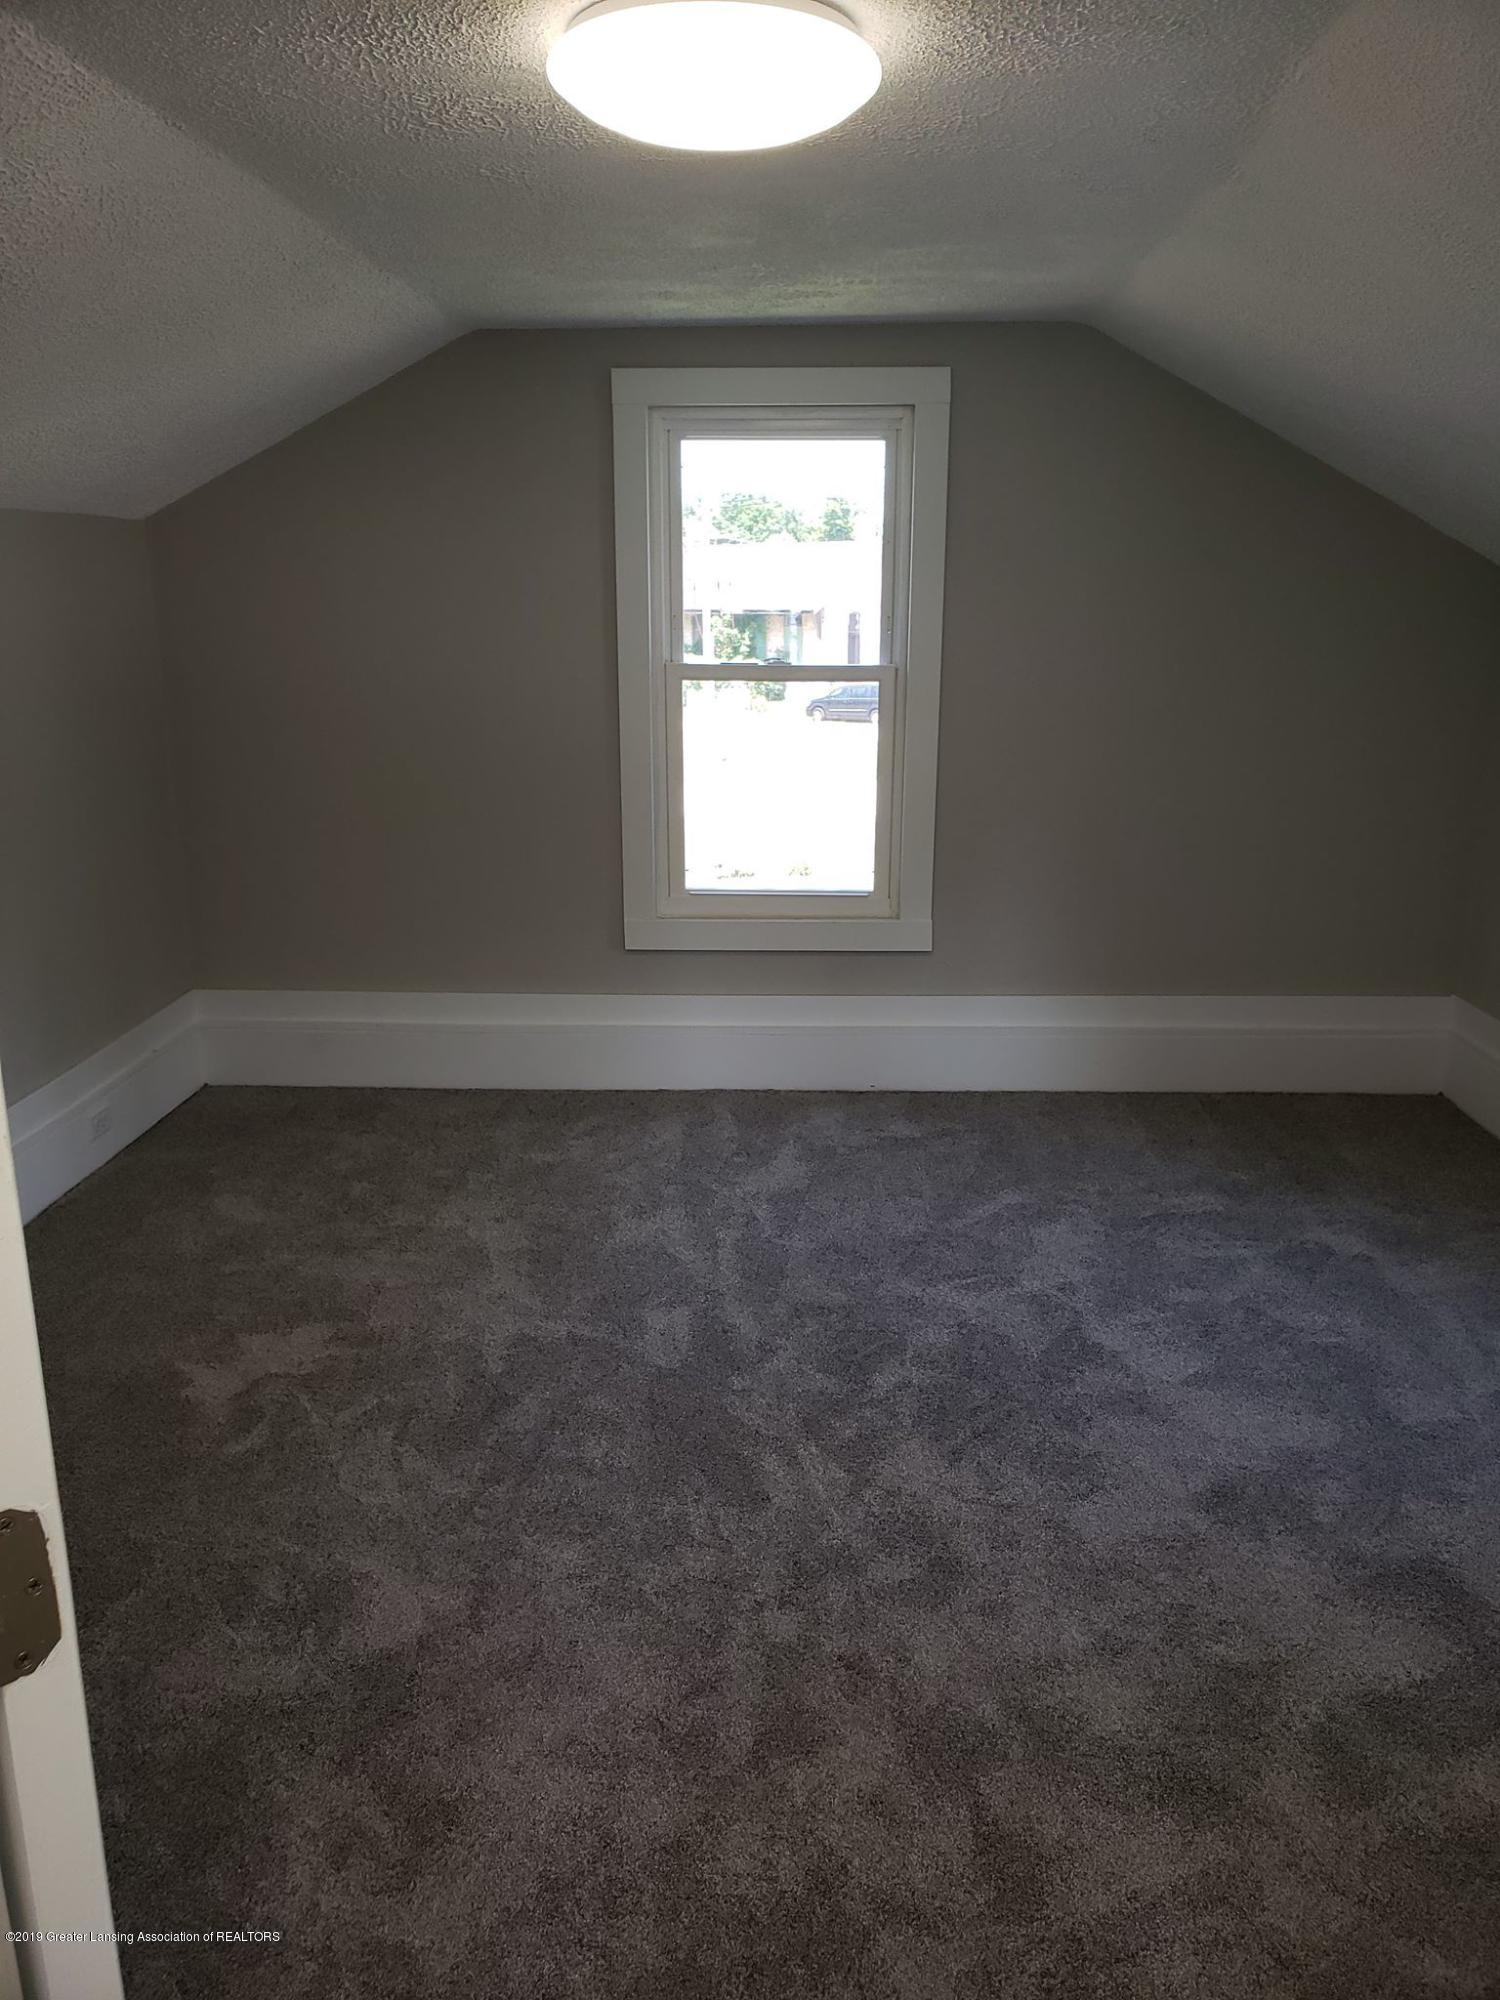 906 Hall St - Upstairs bedroom #2 - 33